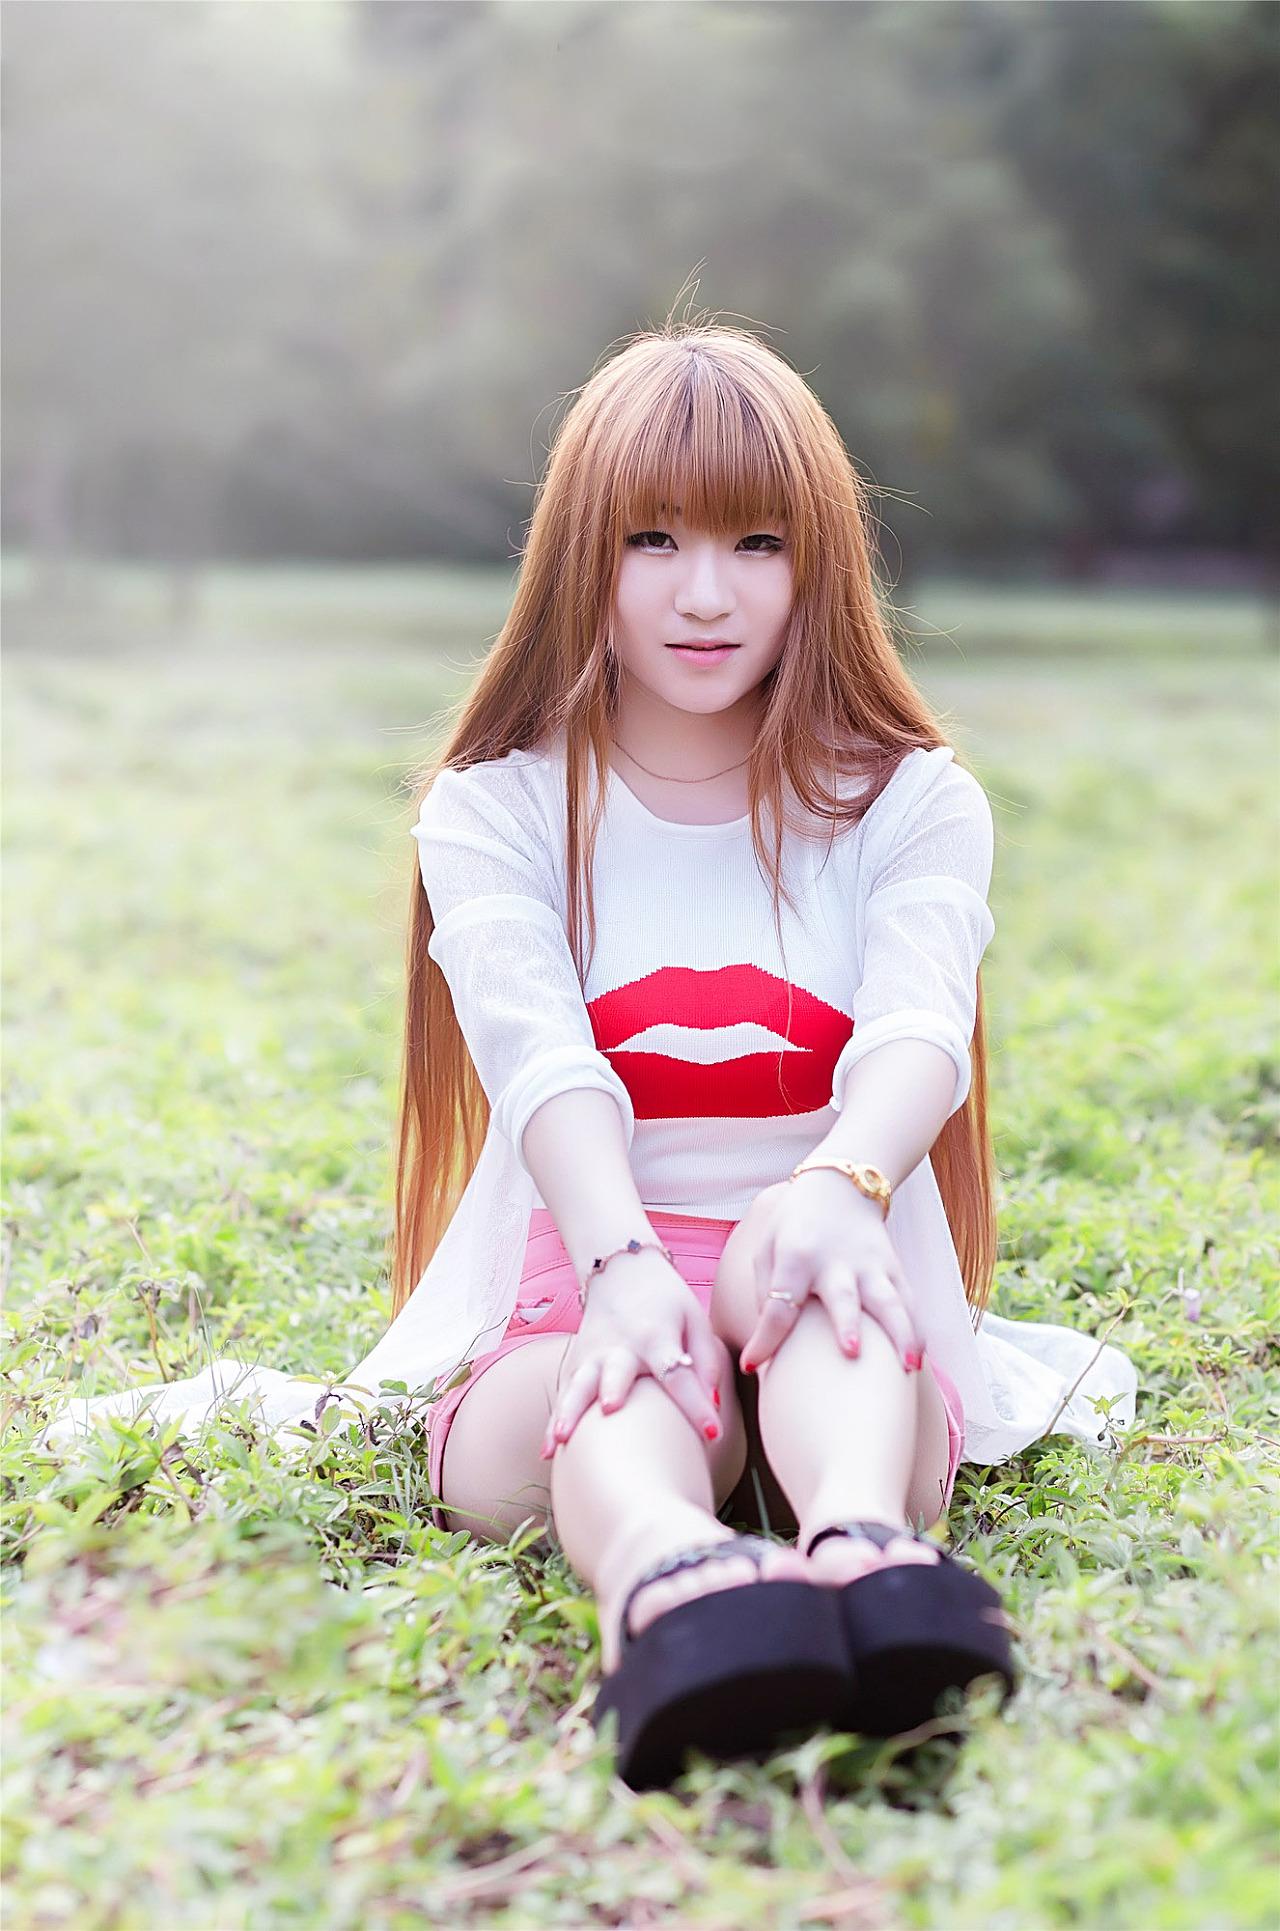 美女写真,户外摄影漂亮拍摄淘宝青年美拍唯美模特美女图片图片